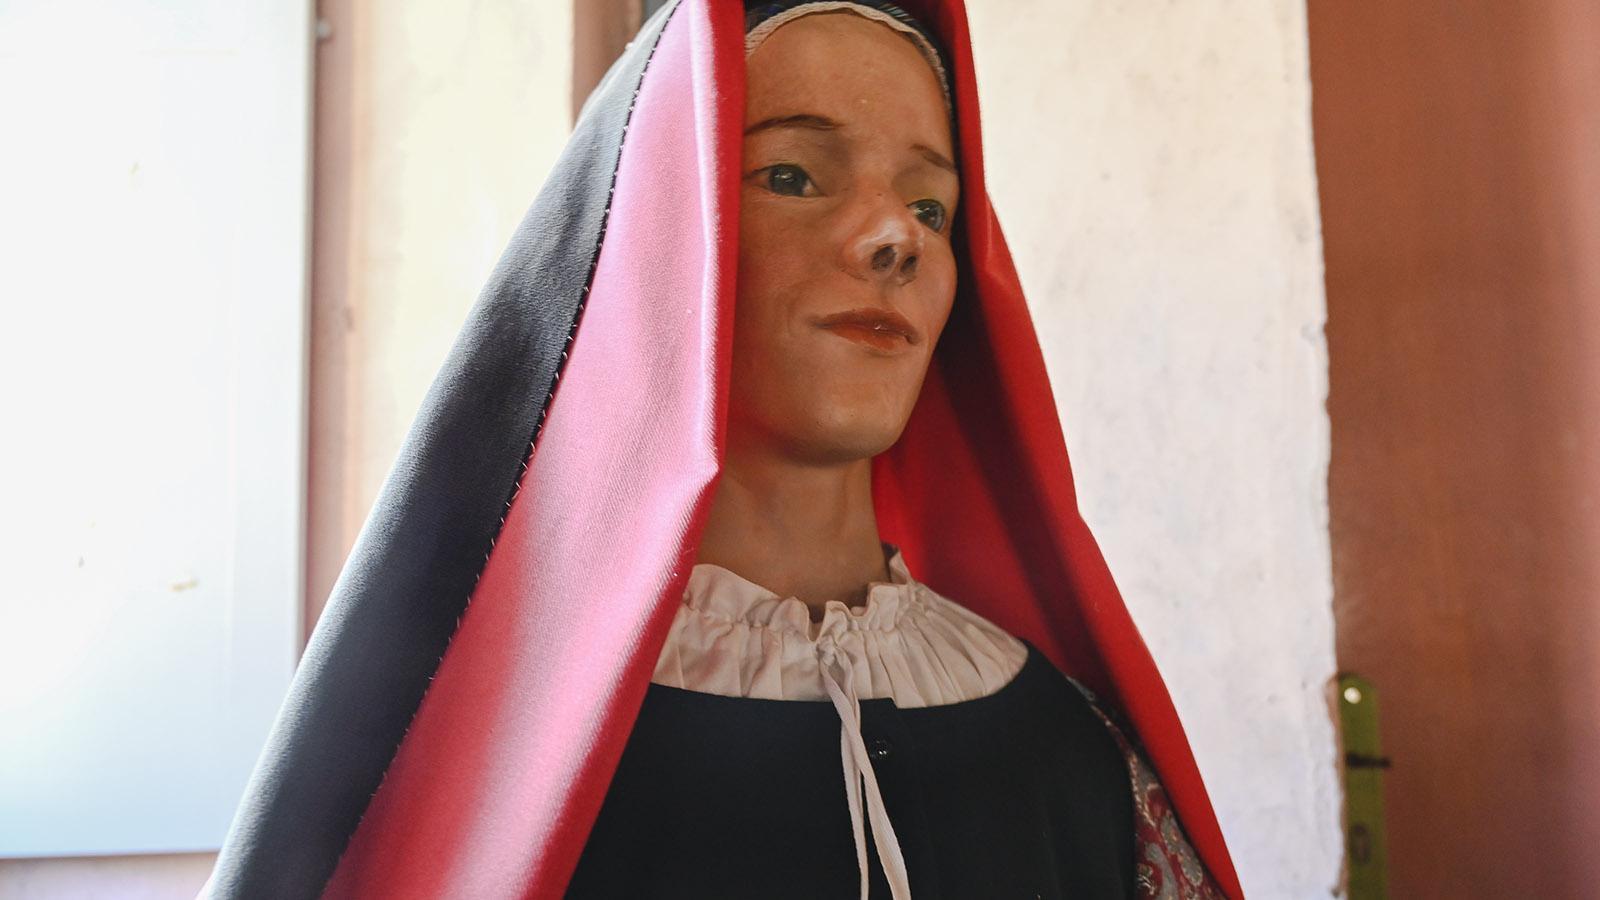 Rot und Schwarz: Fürt cagots galten strenge Kleidervorschriften. Foto: Hilke Maunder